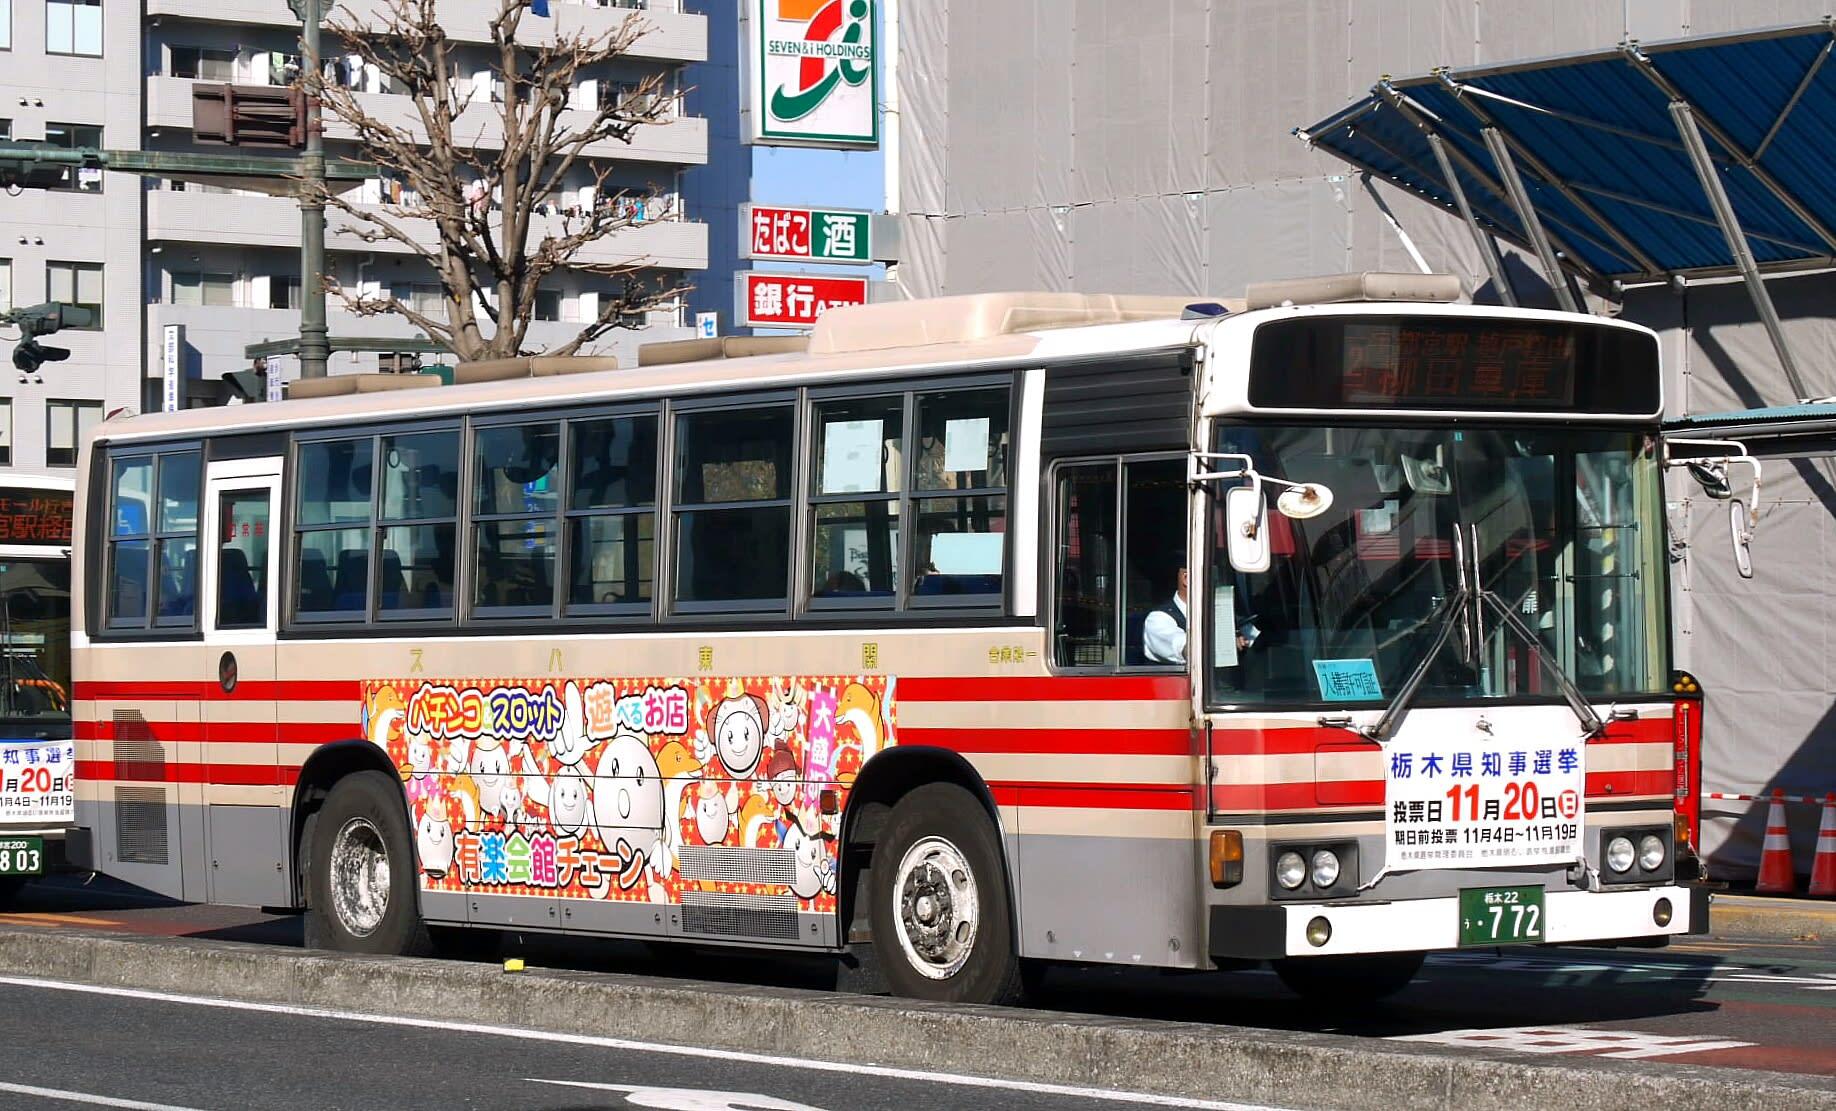 関東0772 - 裁判長の記録帖